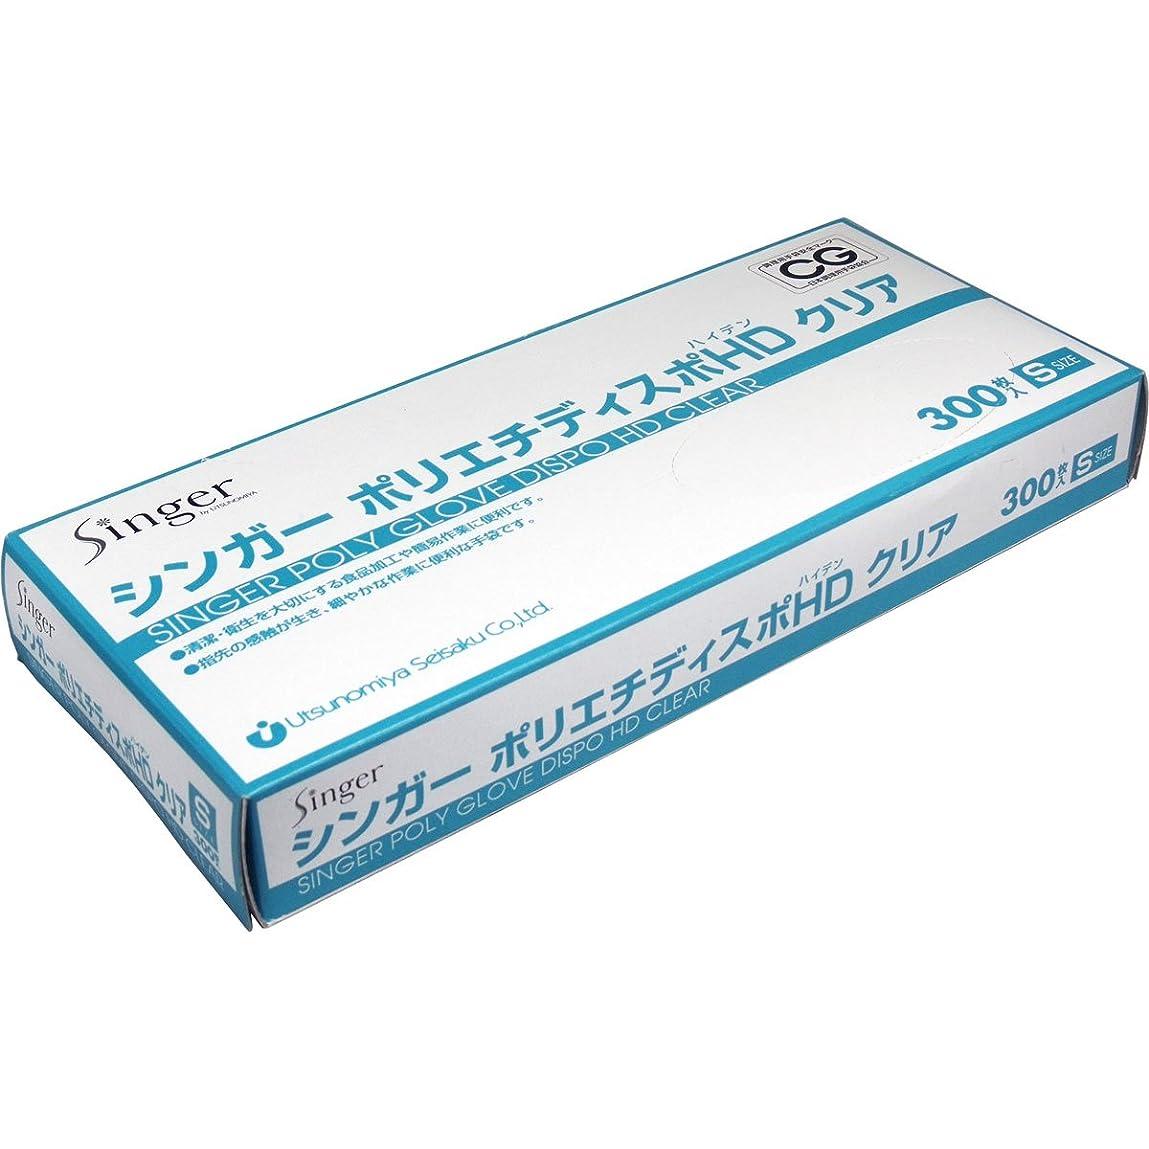 優しさバスルームどのくらいの頻度で食品衛生法適合手袋 シンガーポリエチディスポHDクリア Sサイズ 300枚入 3個セット